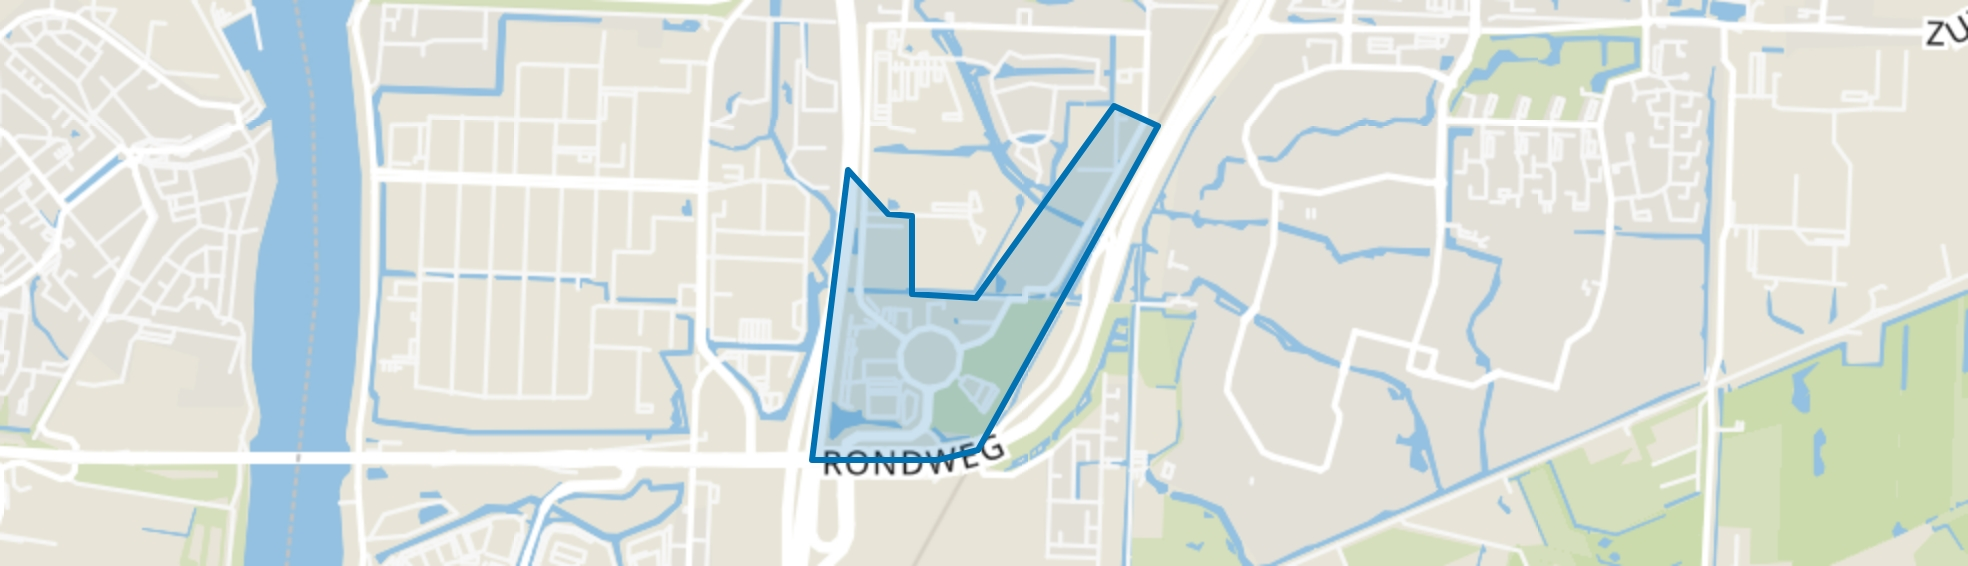 Amstelwijck, Dordrecht map